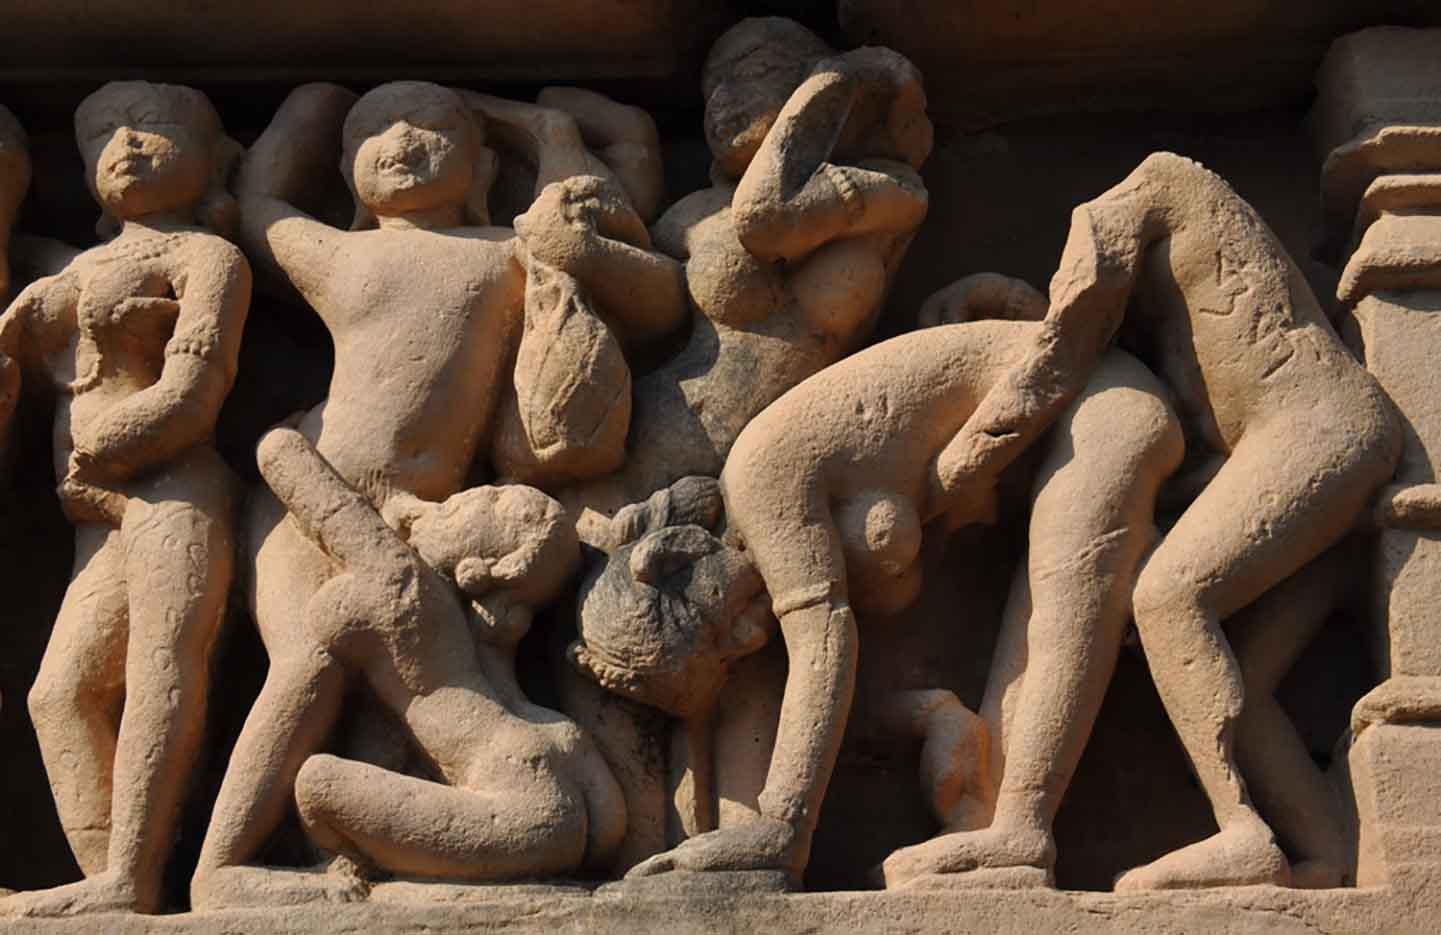 Храмы Кхаджурахо, Khajuraho Temples - 61